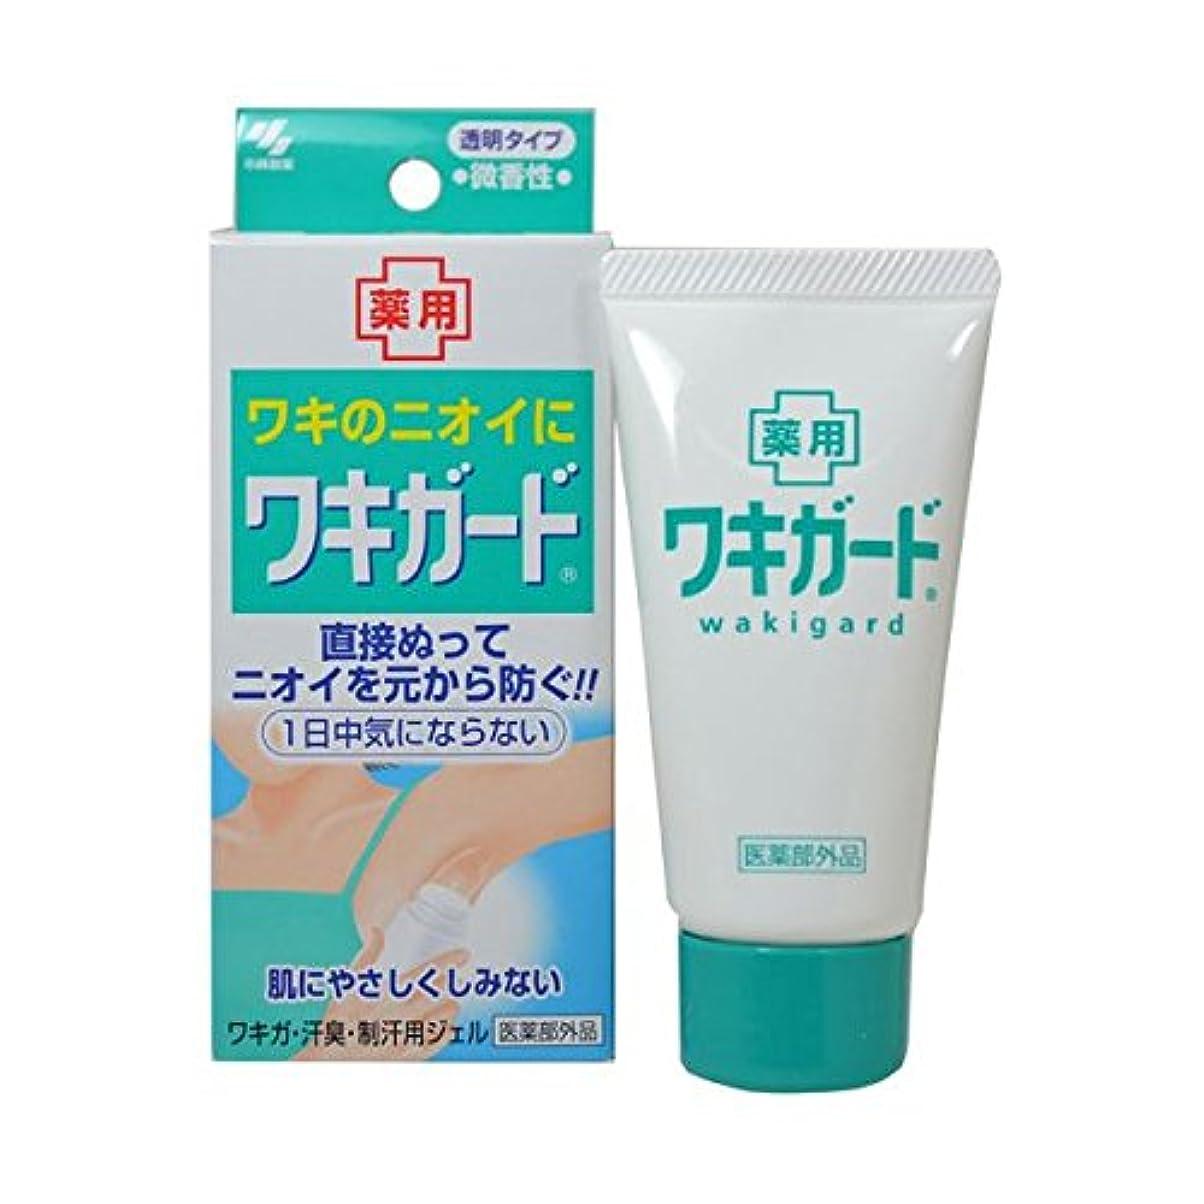 送料オーブンブランク【お徳用 3 セット】 小林製薬 ワキガード 50g×3セット